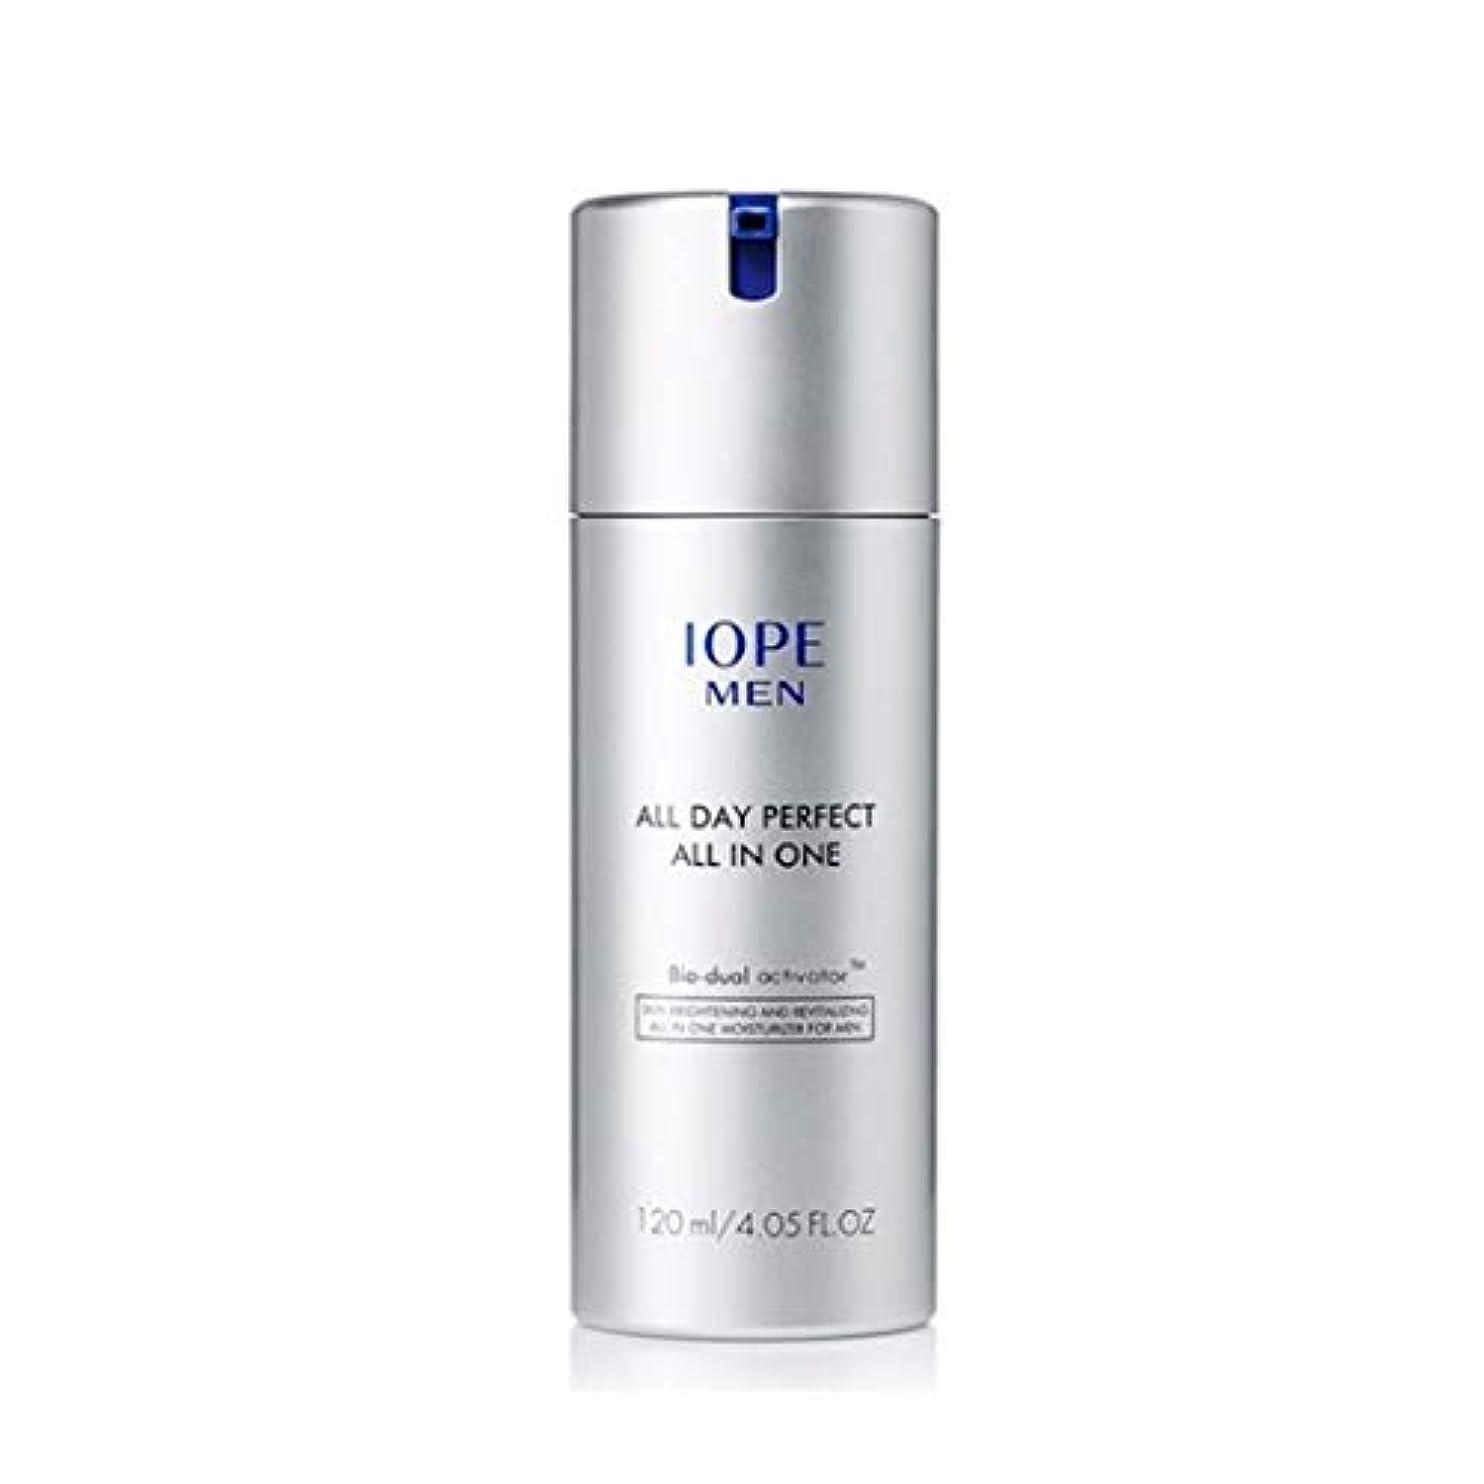 クローゼットしてはいけない水陸両用アイオペメンズコスメオールデイパーフェクトオールインワン120ml 韓国コスメ、IOPE Men All Day Perfect All in One 120ml Men's Cosmetics Korean Cosmetics...